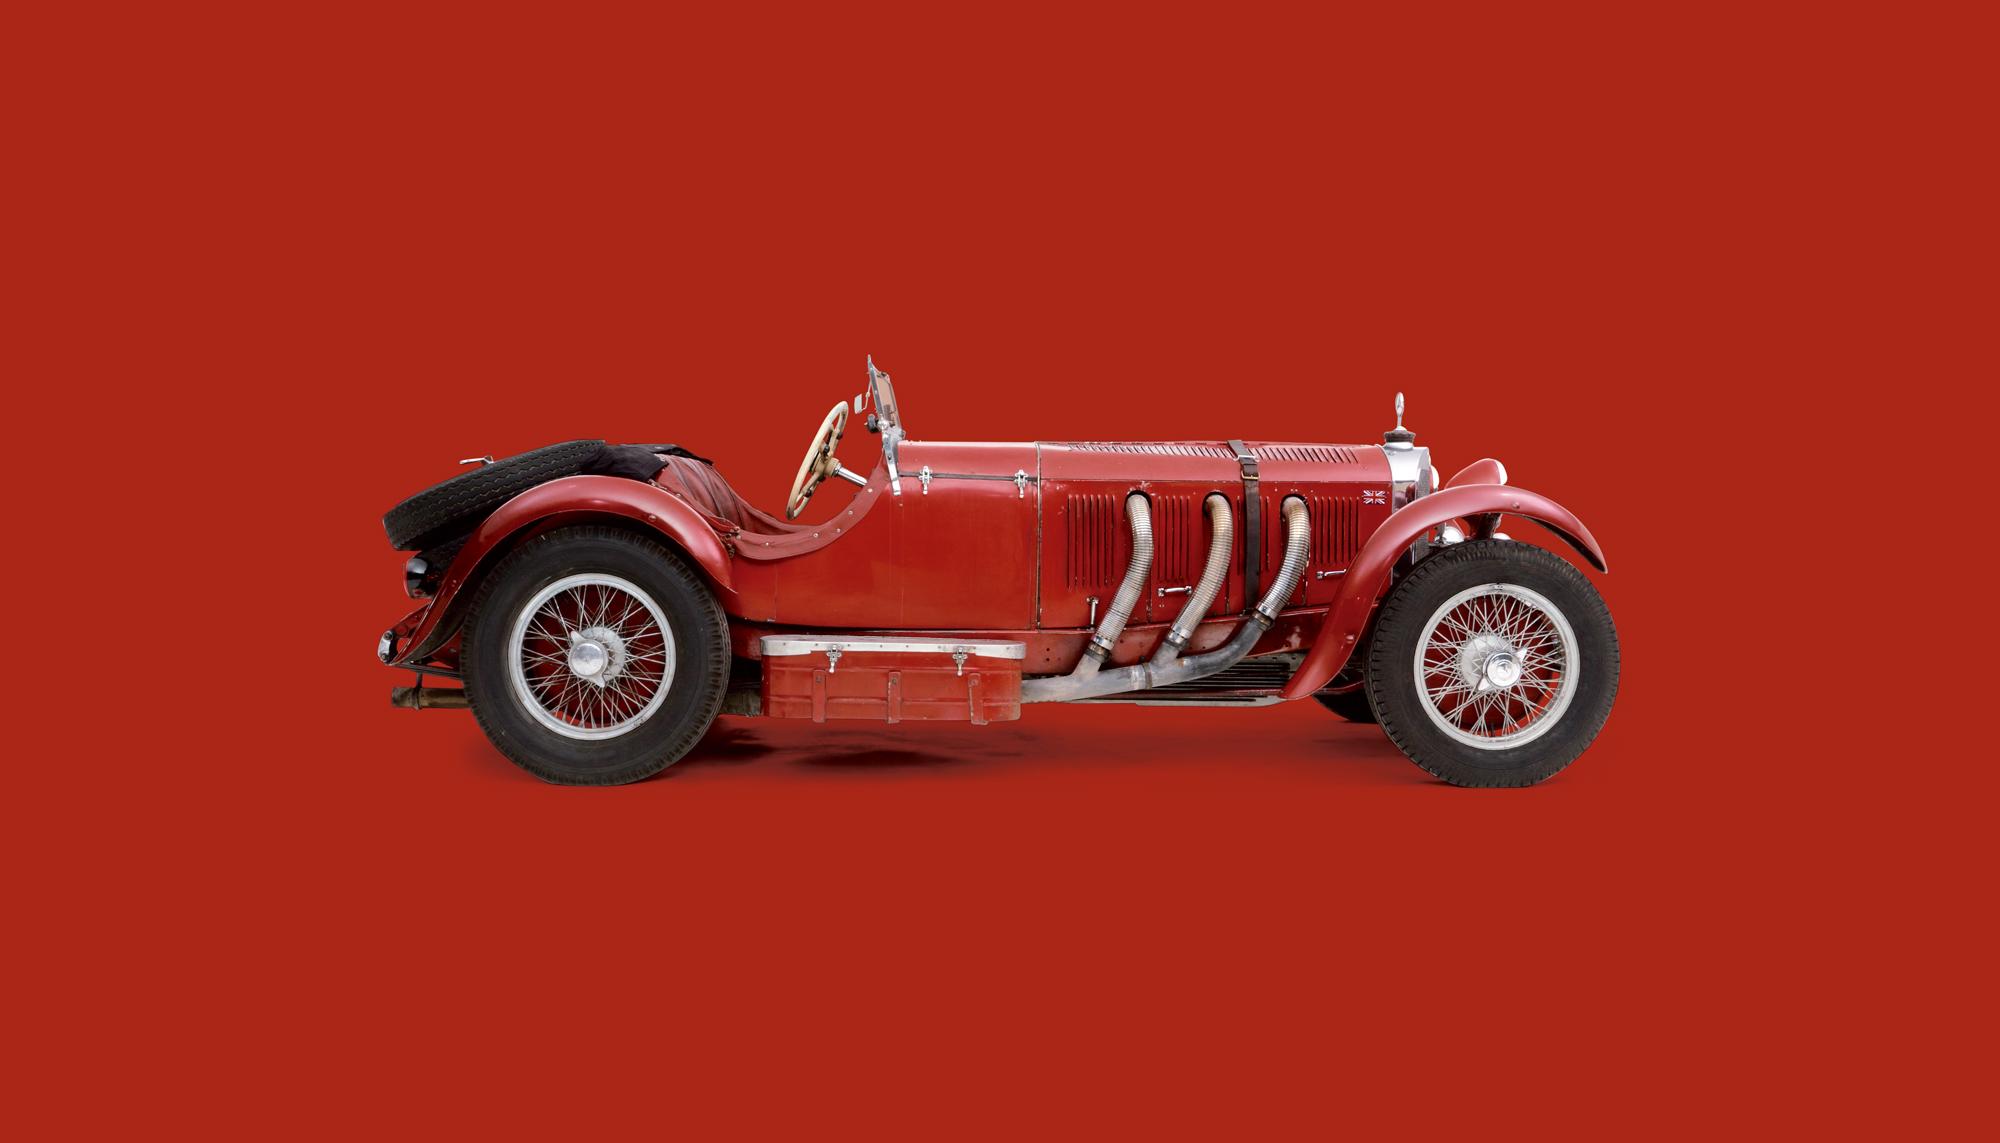 Bekijk Mercedes-Benz SSK in het Louwman Museum